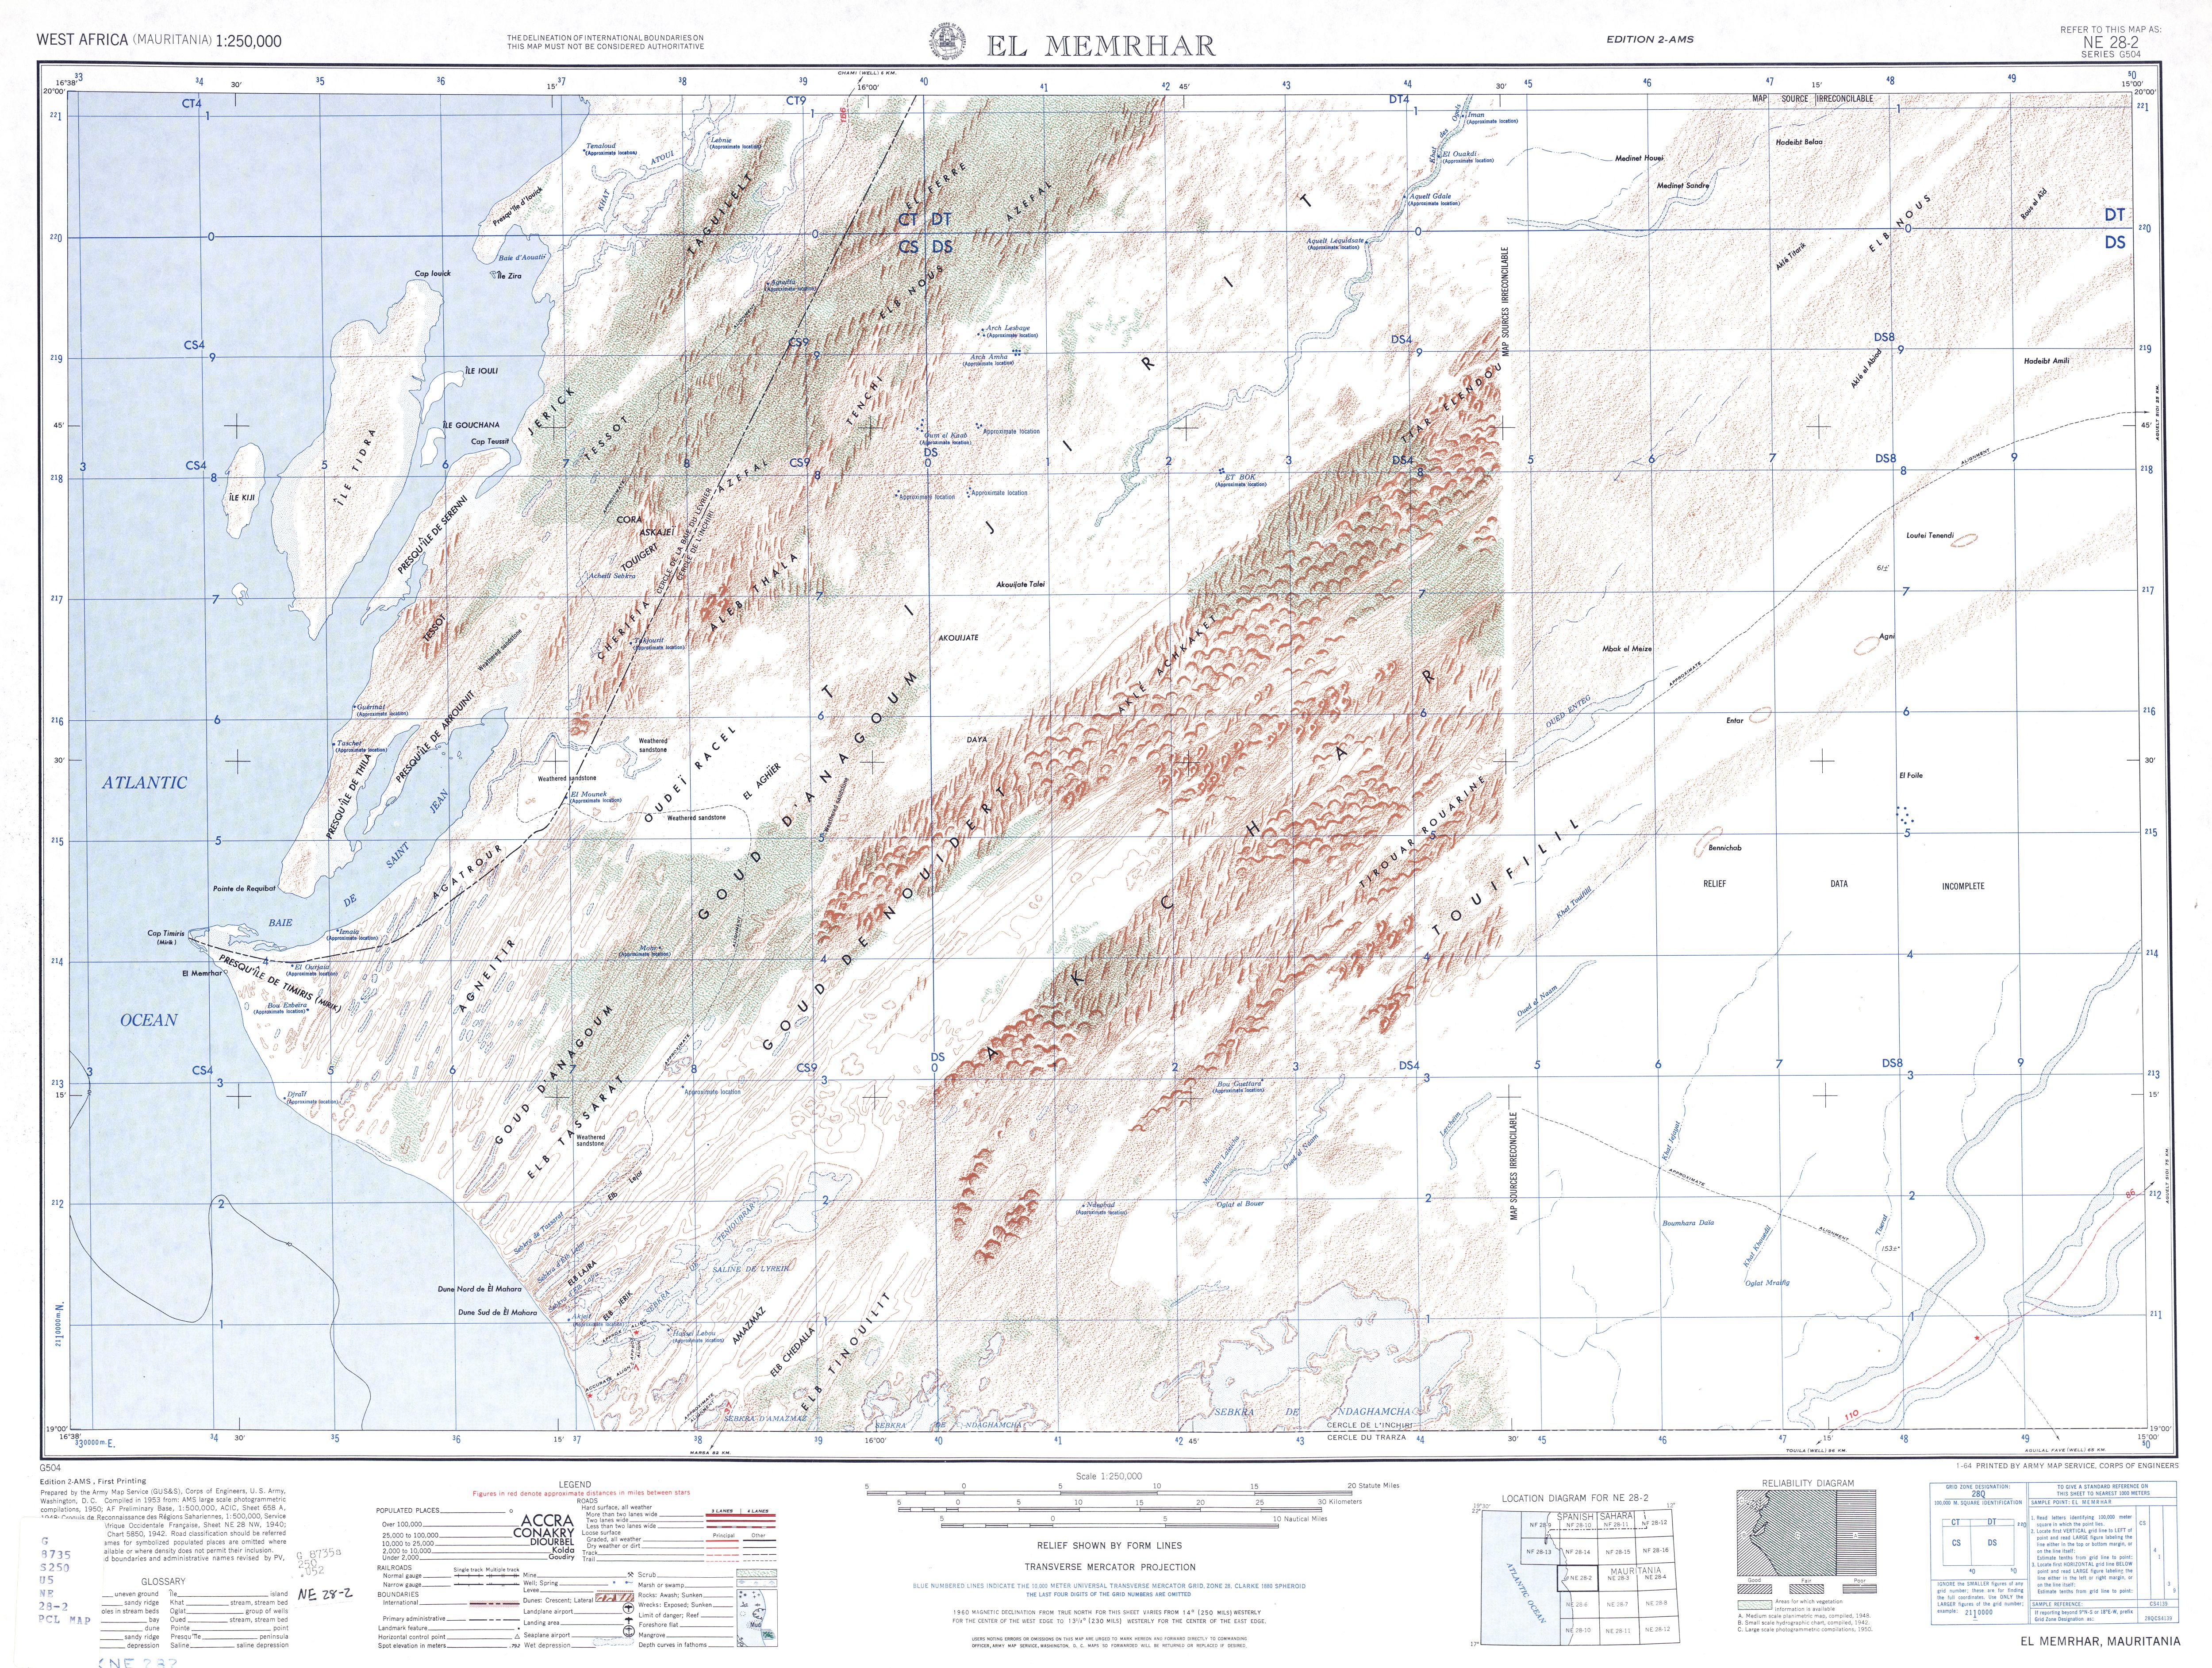 Hoja El Memrhar del Mapa Topográfico de África Occidental 1955